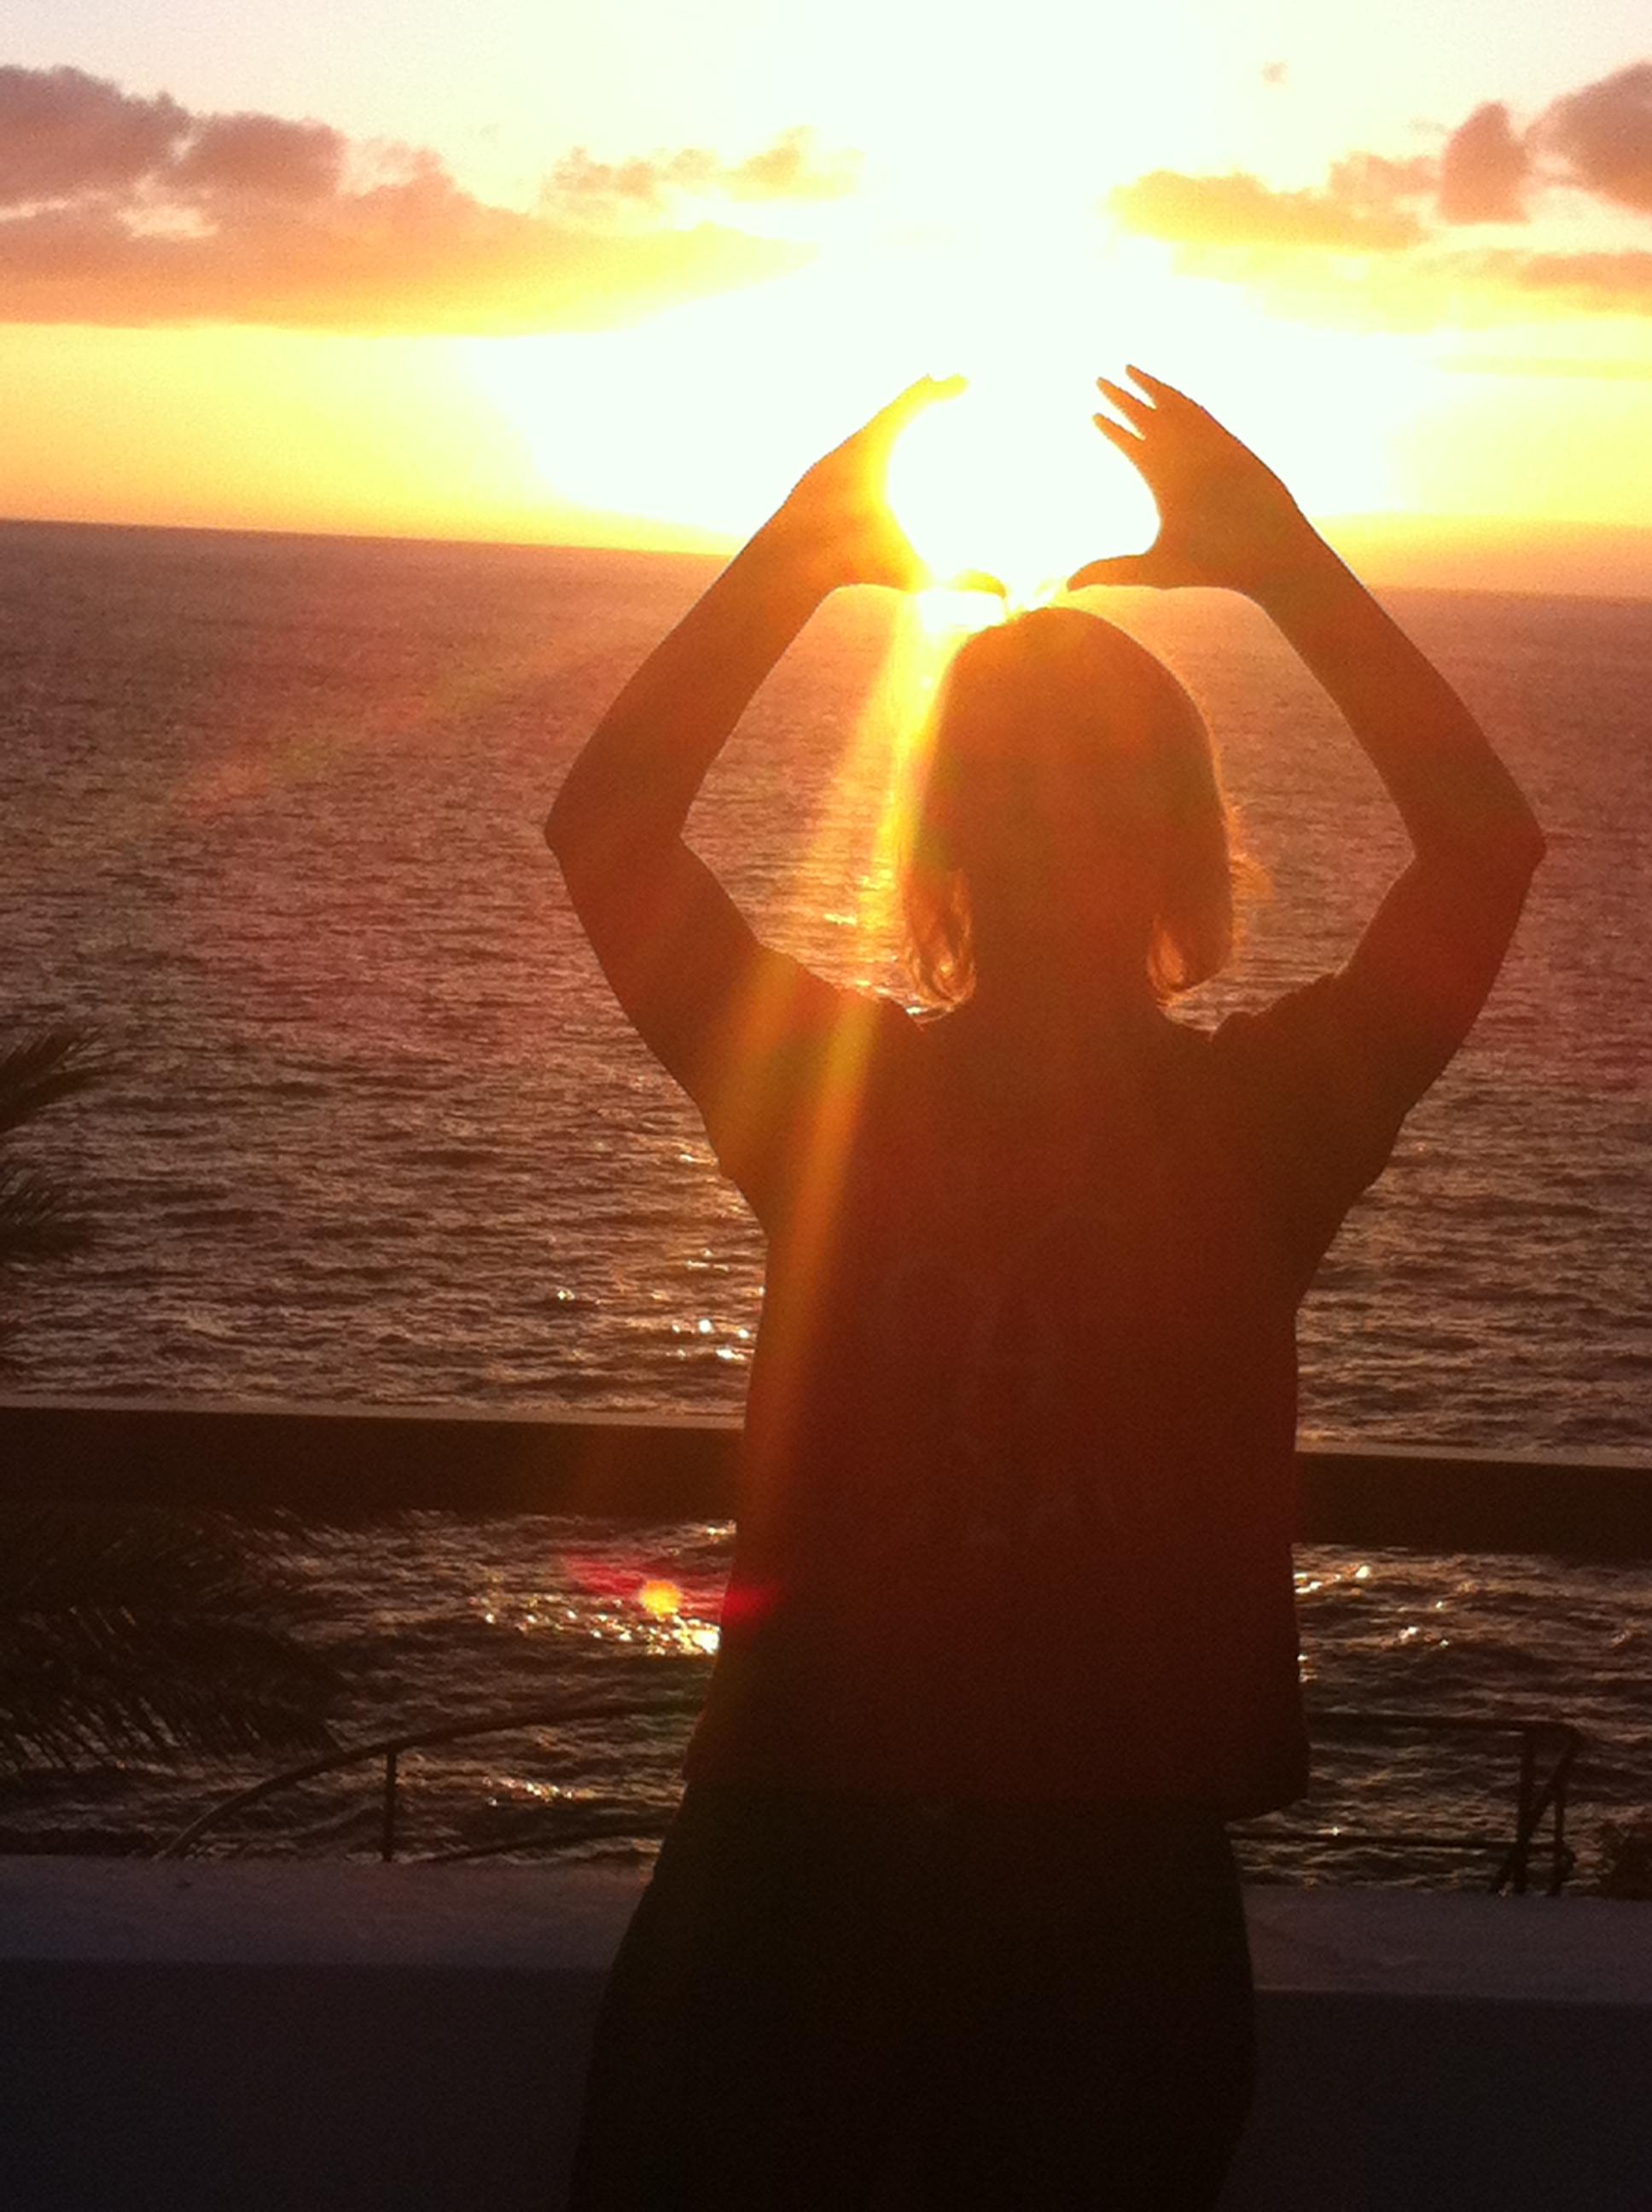 Tanija Inspiration² Ganzheitliches Potenzial Coaching : Die Energie von Licht und Sonne, die Schwingung von Liebe und Vertrauen spüren, Magie erleben